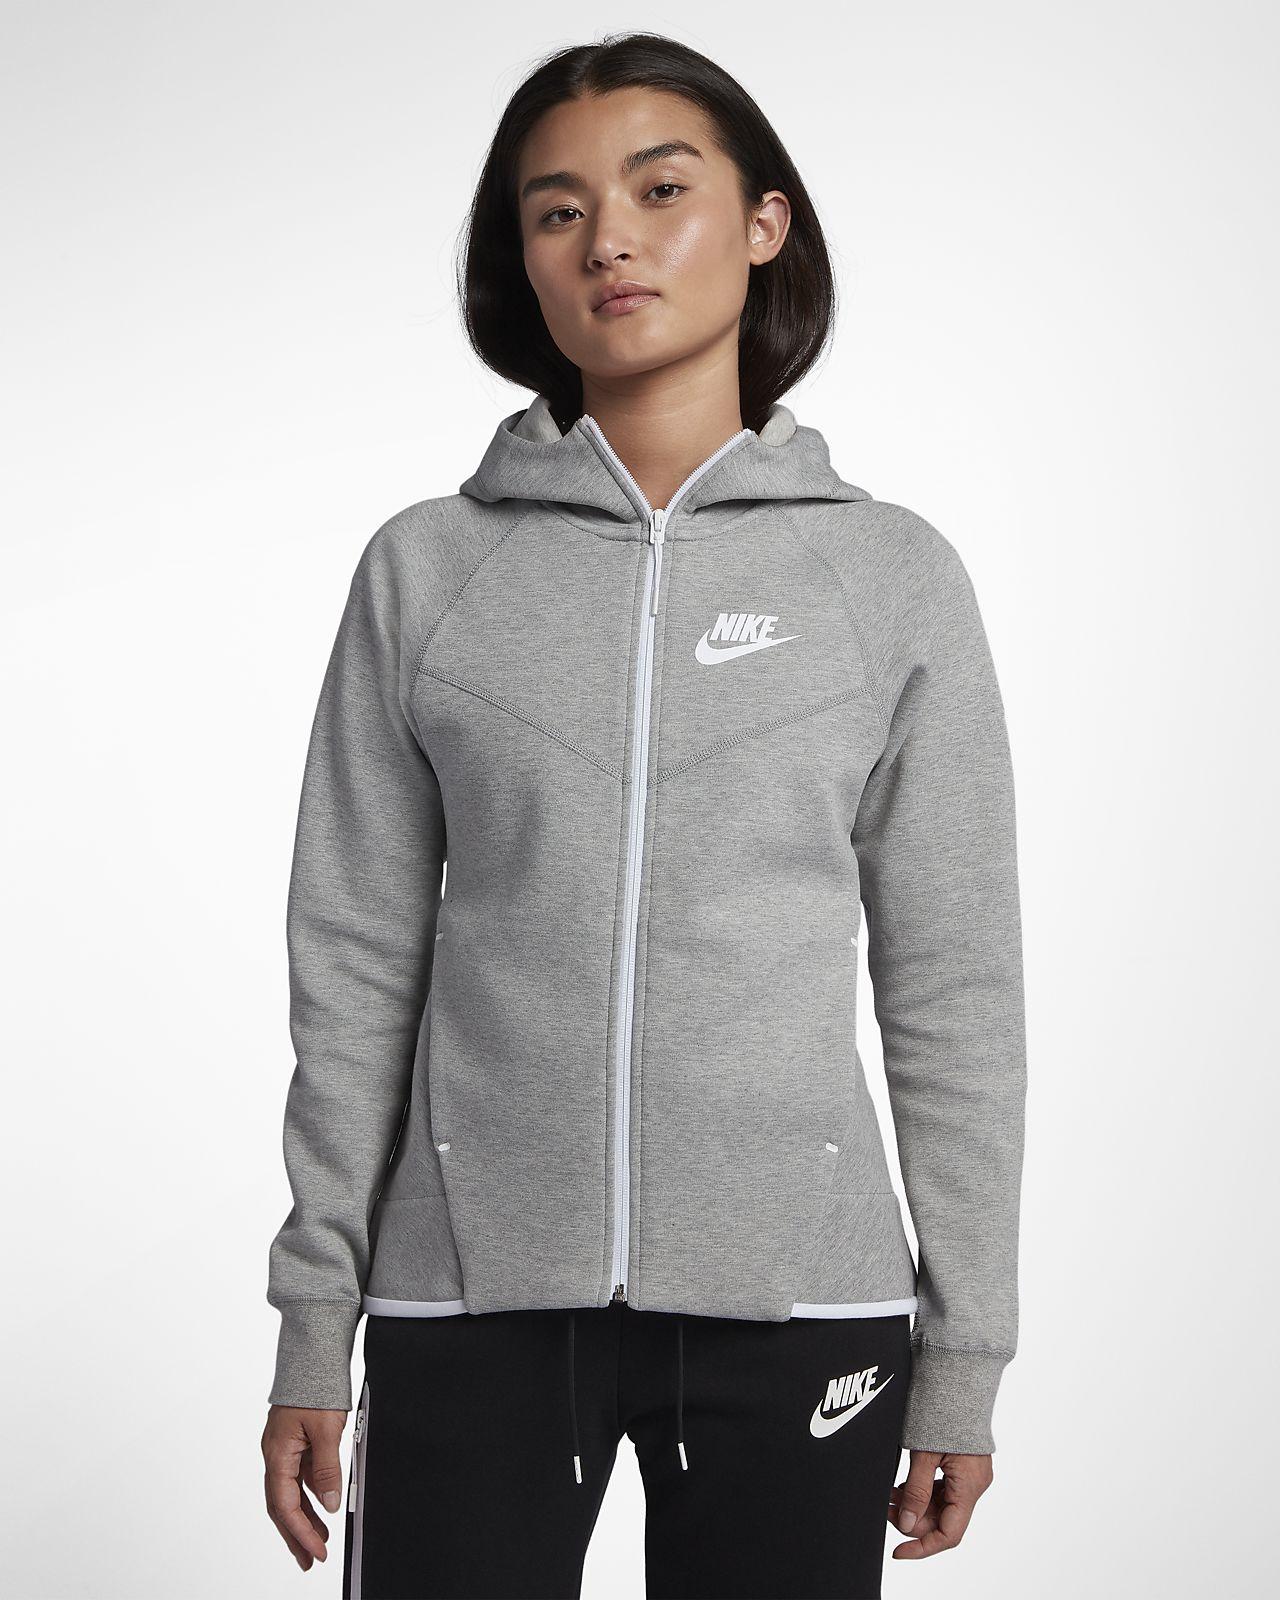 Nike Tech Fleece Cape | Nike Tech Dames Nike tech fleece